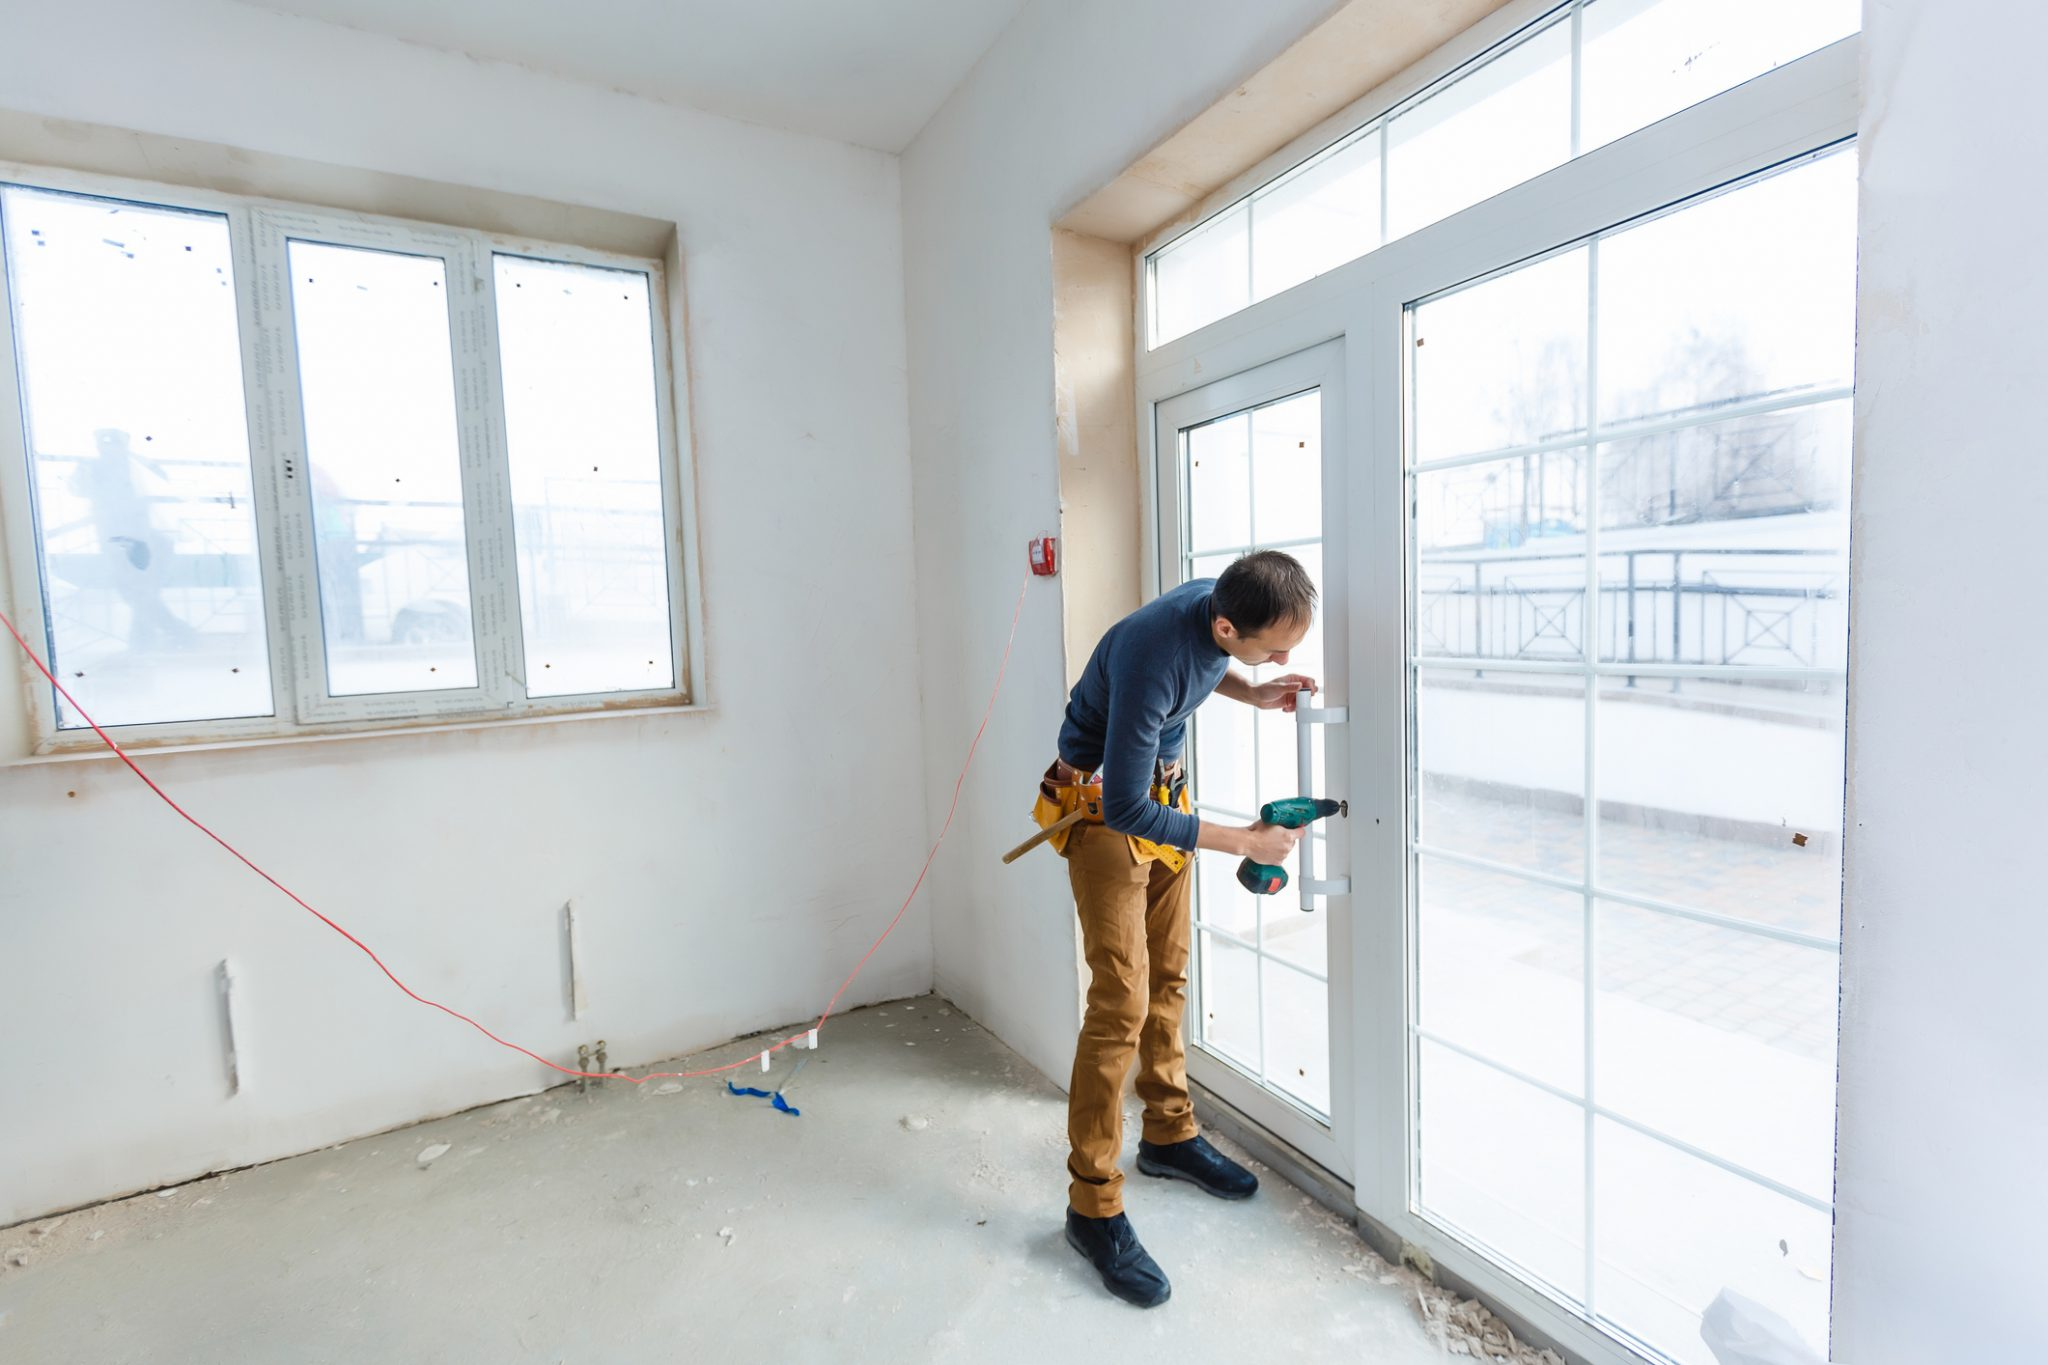 kozijnen deur ramen installeren dubbelglas klusjesman